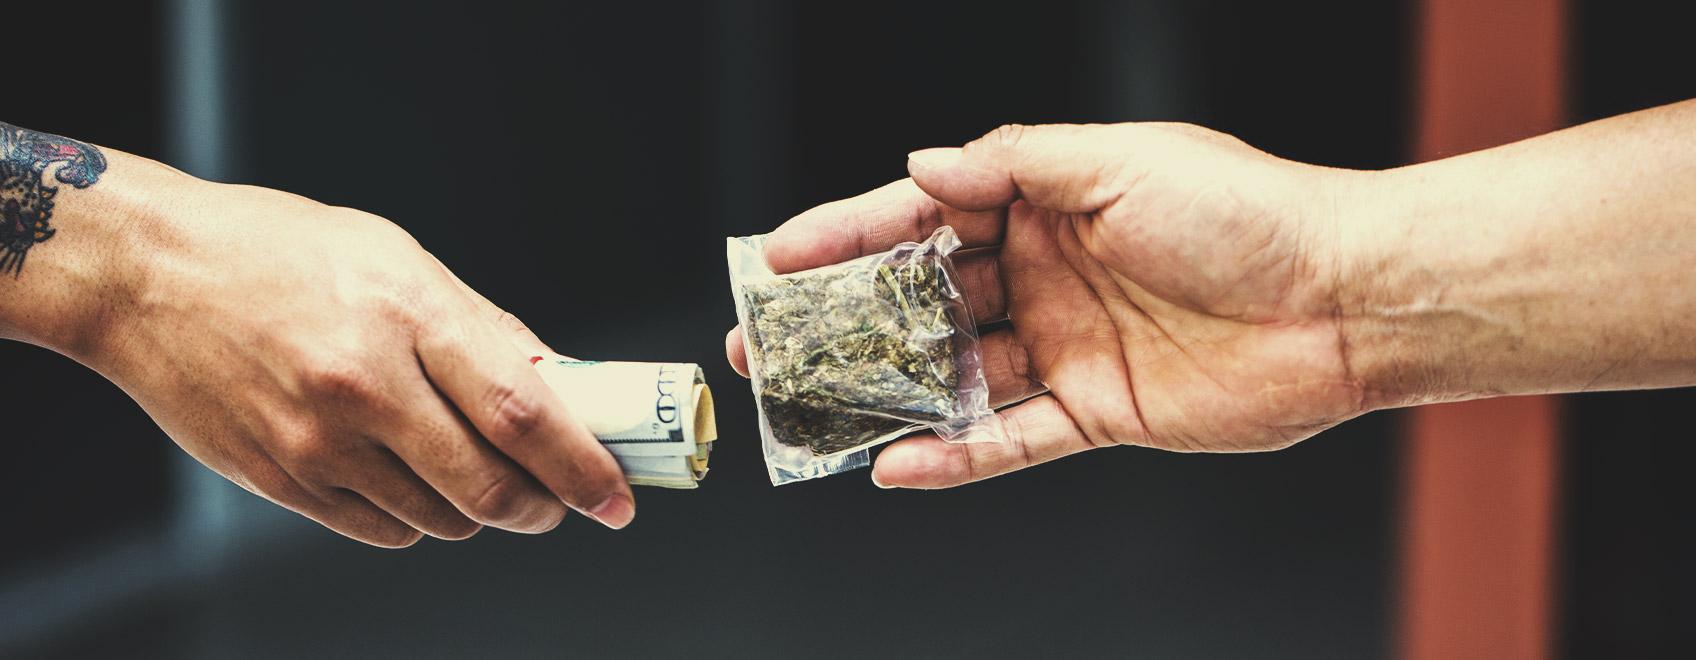 Interessiert es die Menschen, wo das Cannabis herkommt, das sie konsumieren?